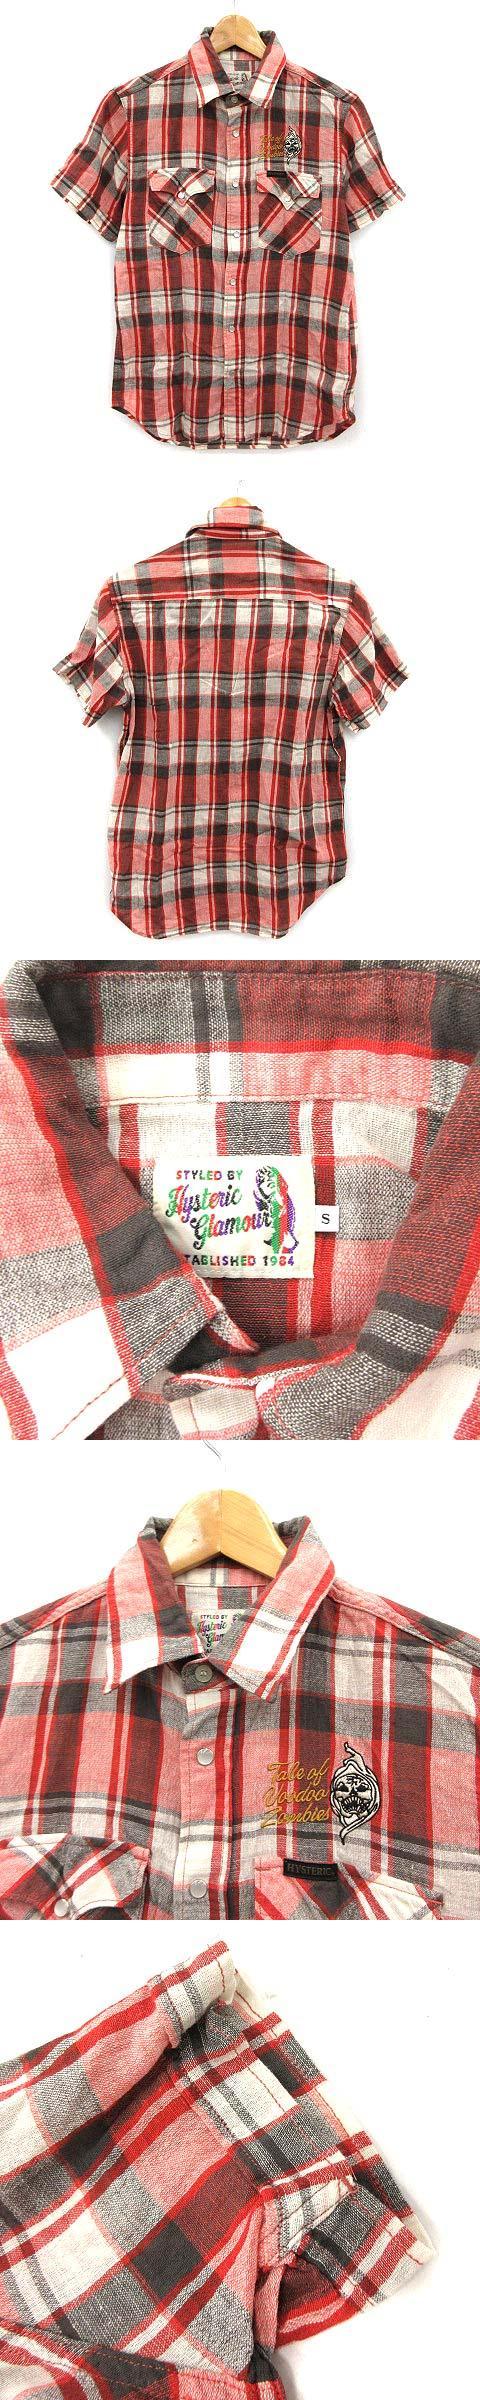 17SS シャツ 半袖 チェック 刺繍 ロゴ ゾンビ S 赤 黒 レッド ブラック /KH